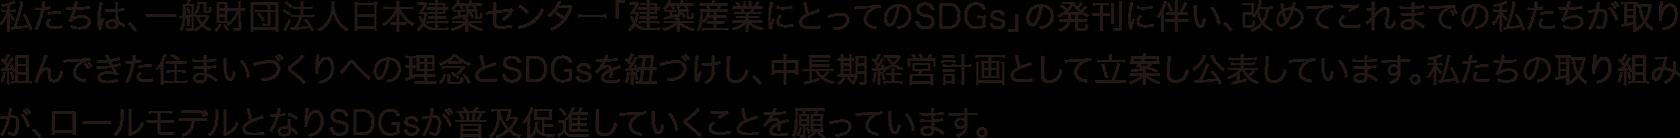 私たちは、一般社団法人日本建築センター「建築産業にとってのSDGs」の発刊に伴い、改めてこれまでの私たちが取り組んできた住まいづくりへの理念とSDGsが普及促進していくことを願っています。